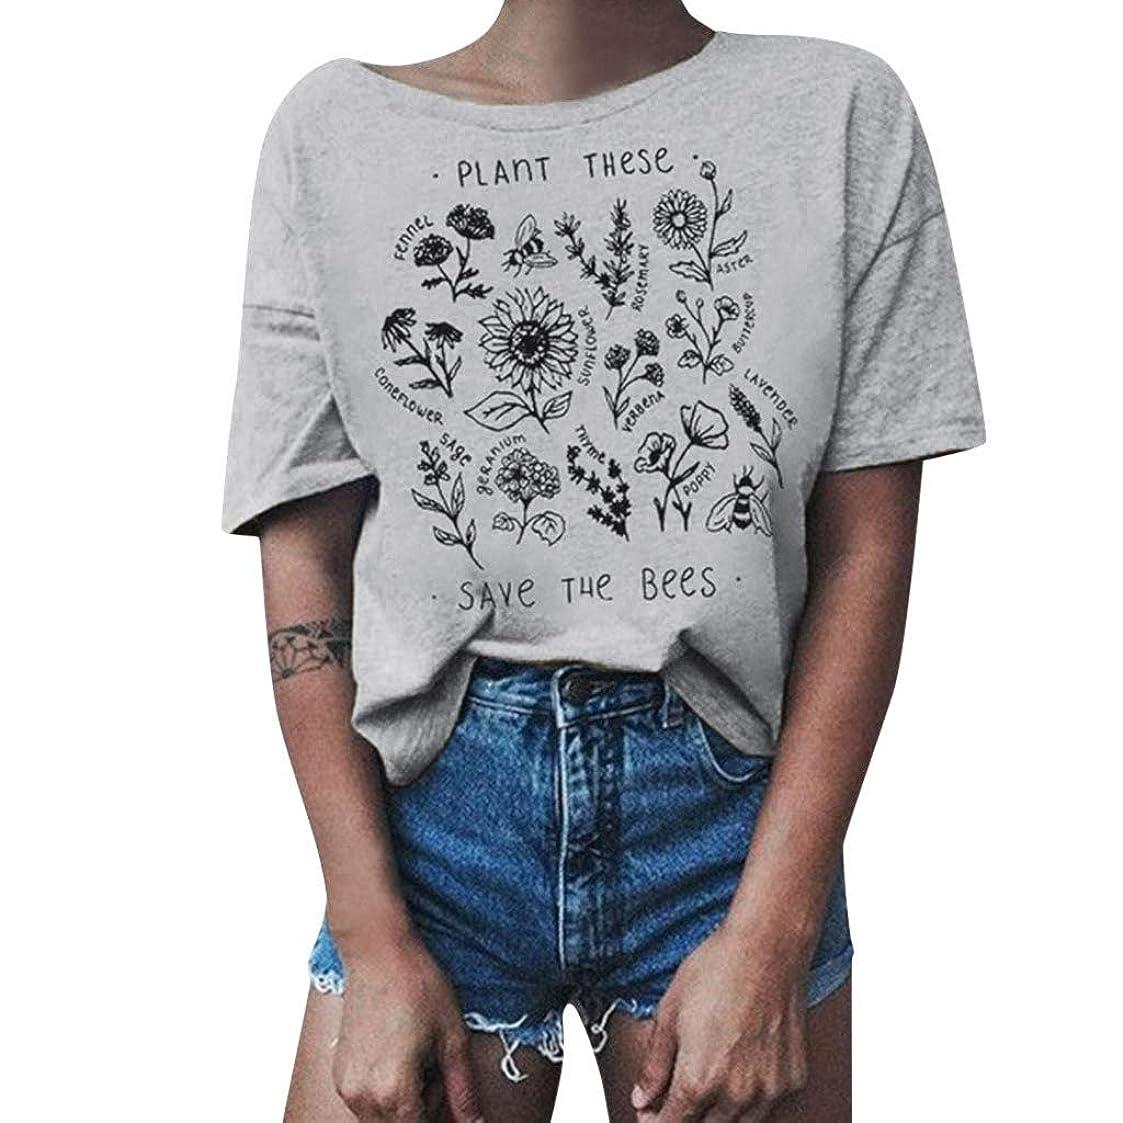 男らしいつま先会話Tシャツ レディース 半袖 おおきいサイズ ビンテージ 花柄 ラウンドネック ビジネス 学生 洋服 お出かけ ワイシャツ 流行り ブラウス 軽い 柔らかい かっこいい カジュアル シンプル オシャレ 春夏 対応 可愛い 欧米風 日韓風